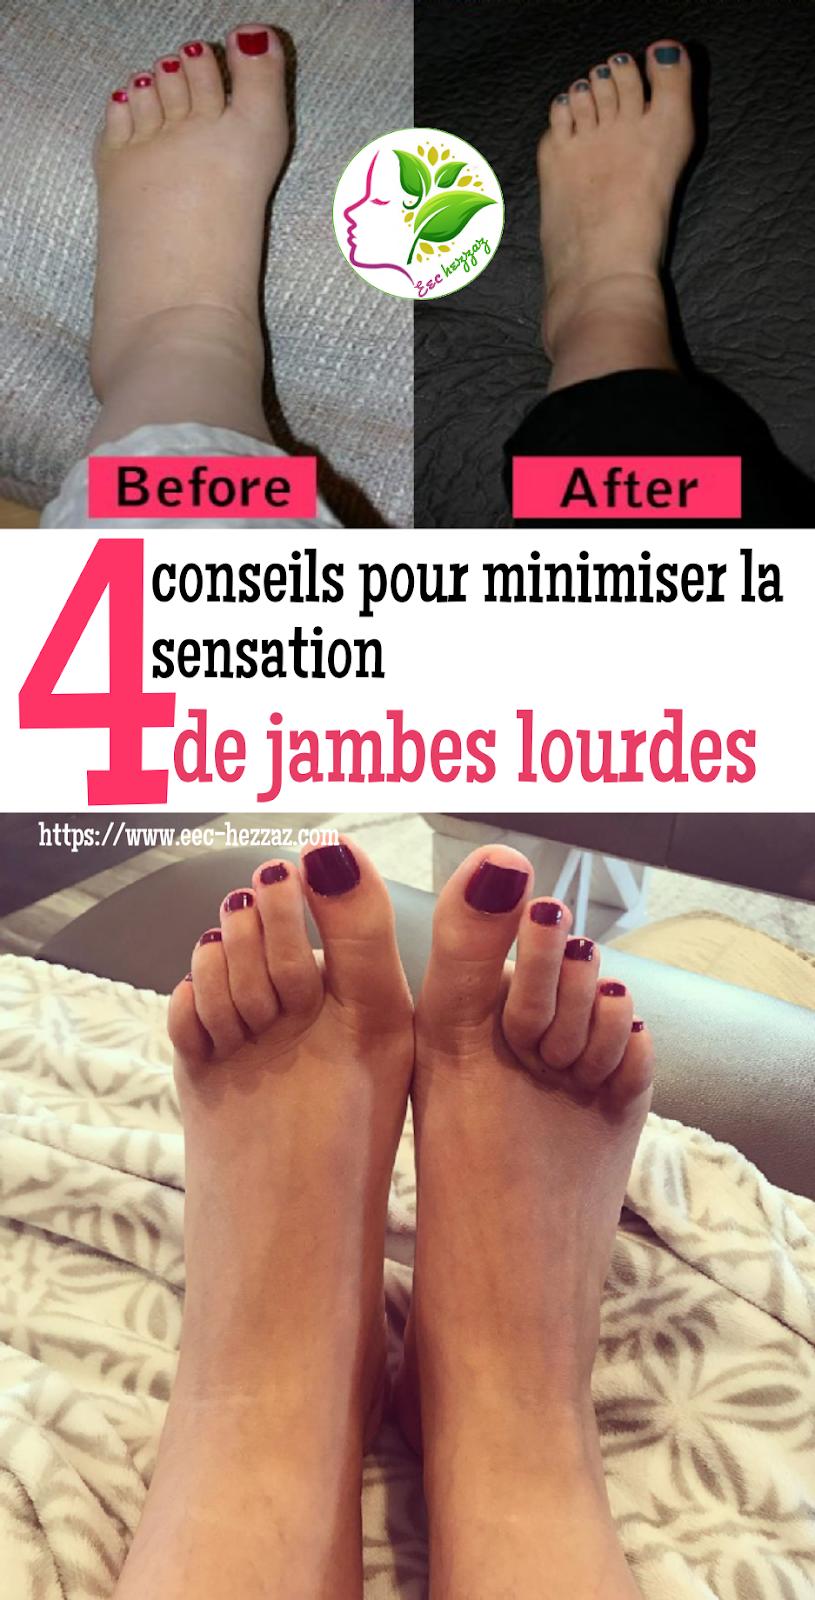 4 conseils pour minimiser la sensation de jambes lourdes